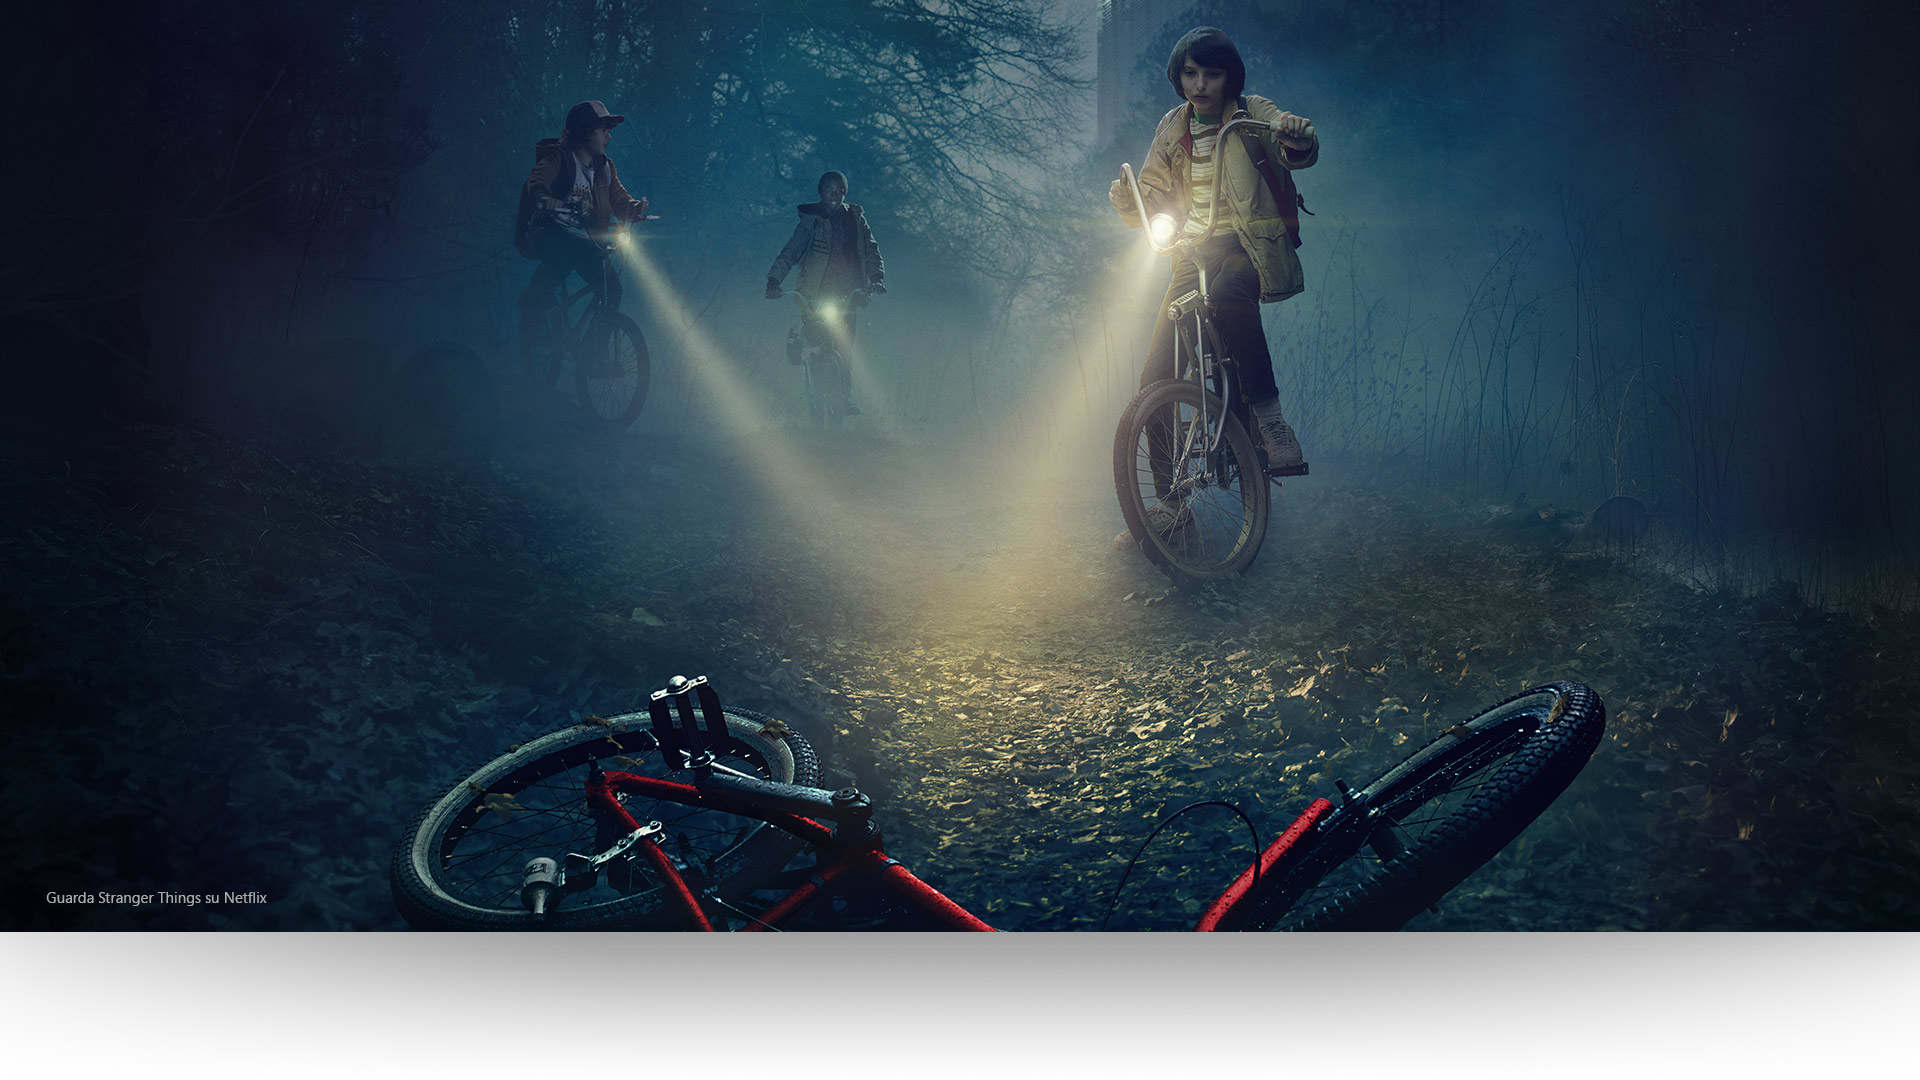 Scena di Stranger Things, i ragazzi scoprono una bici nel bosco